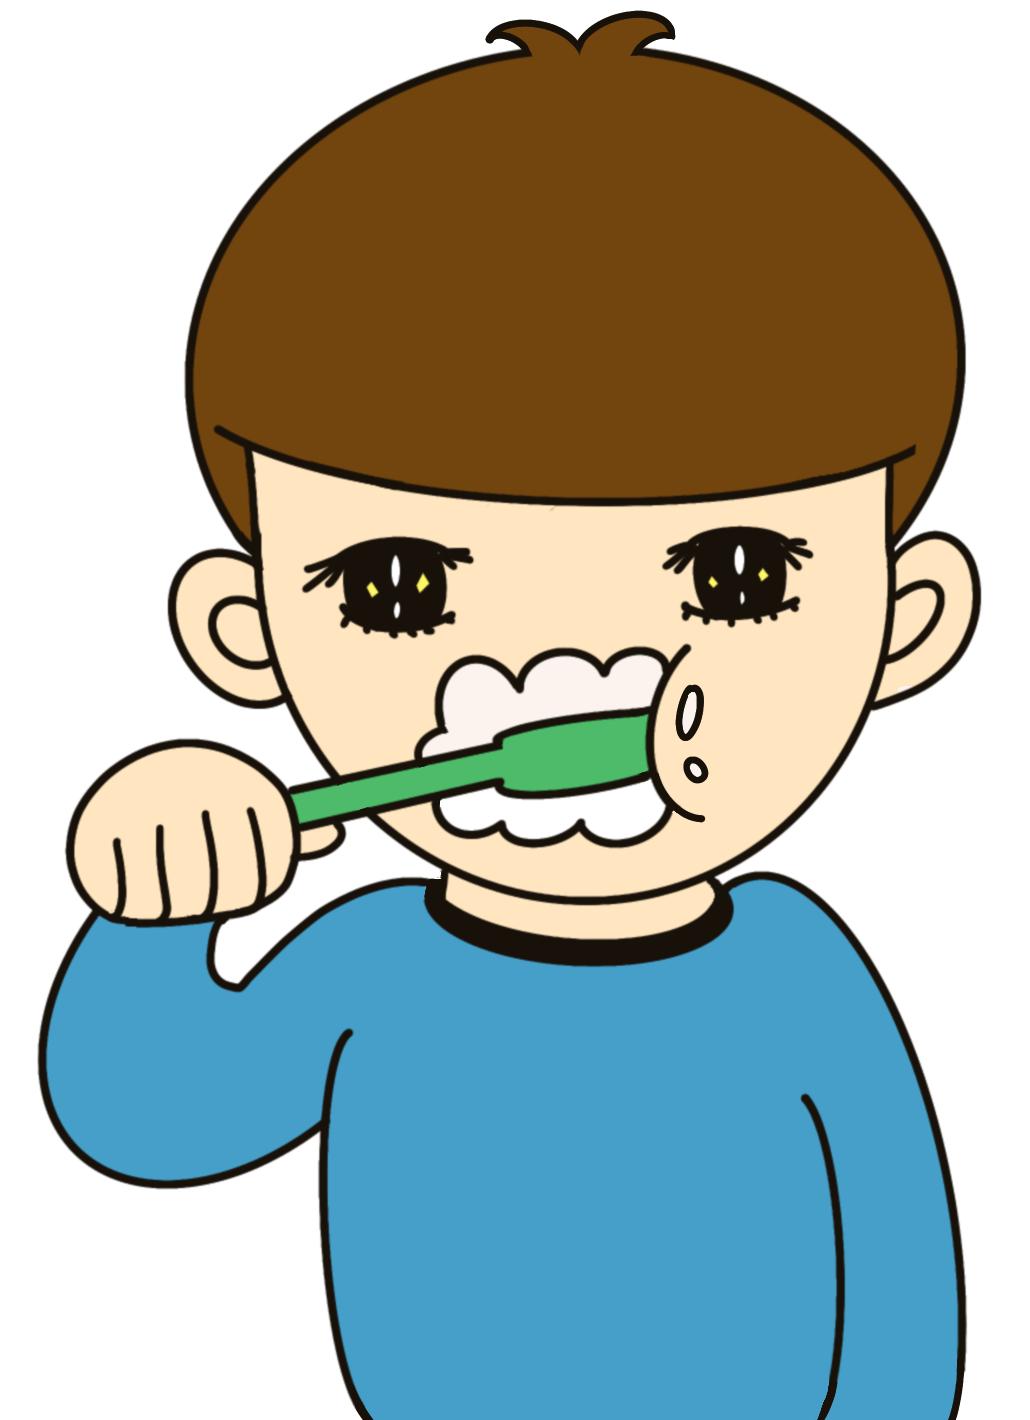 無料ぬりえプリント「歯を磨く男の子」(完成一例)